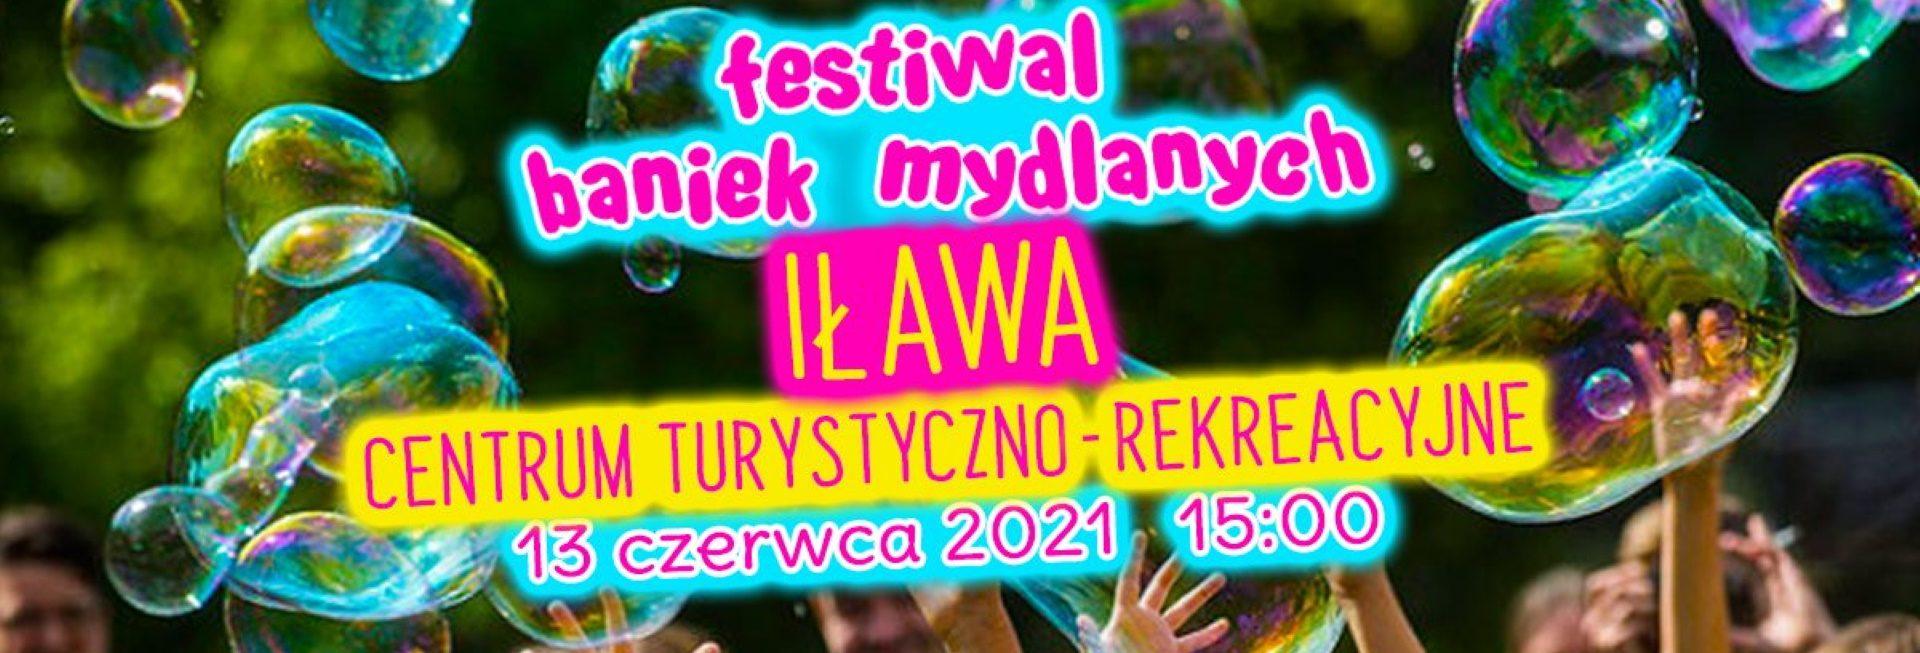 Plakat zapraszający do Iławy na imprezę Festiwal Baniek Mydlanych - Iława 2021. Kolorowy plakat o zielonym tle na którym widzimy bańki mydlane a po środku plakatu napisy zapraszające na imprezę.